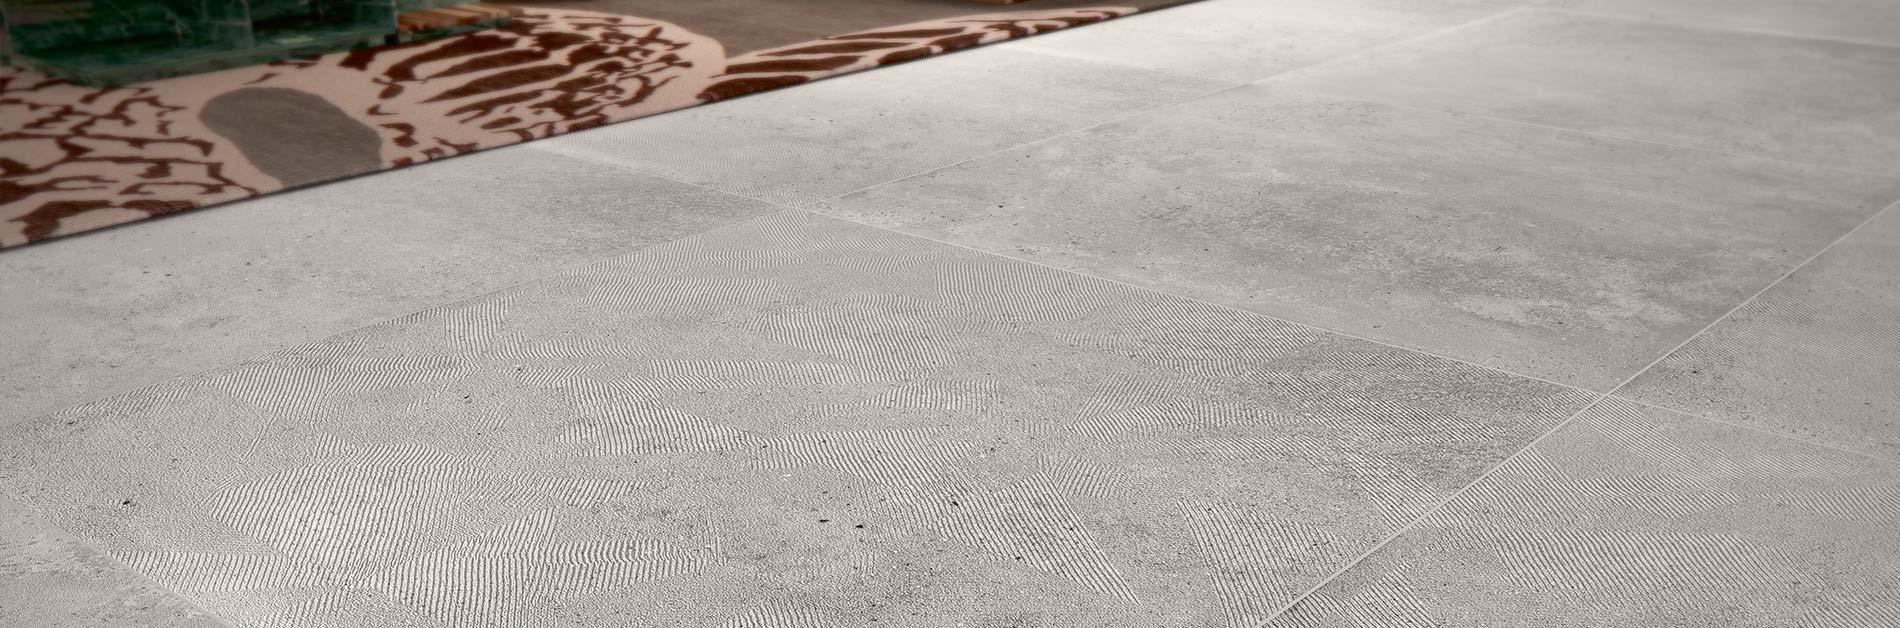 Full Size of Fliesen In Betonoptik Betten Landhausstil Boxspring Bett Landhausküche Grau Weisse Landhaus Regal Weiß Moderne Küche Bad Bodenfliesen Esstisch Schlafzimmer Wohnzimmer Bodenfliesen Landhaus